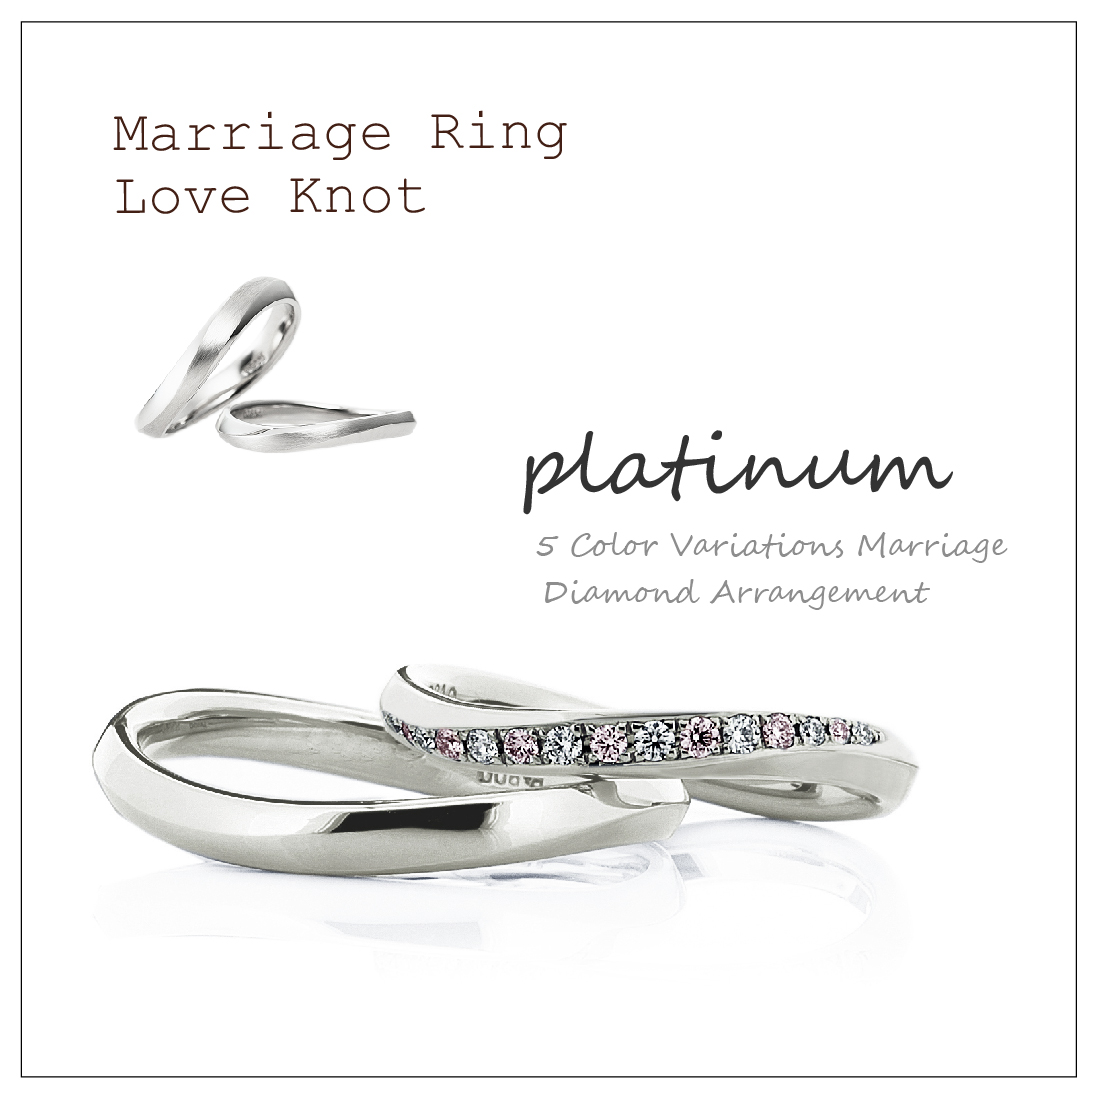 ウエーブのペアの結婚指輪です。2本ともプラチナで、レディースは真ん中にメレダイヤをグラデーションで並べています。